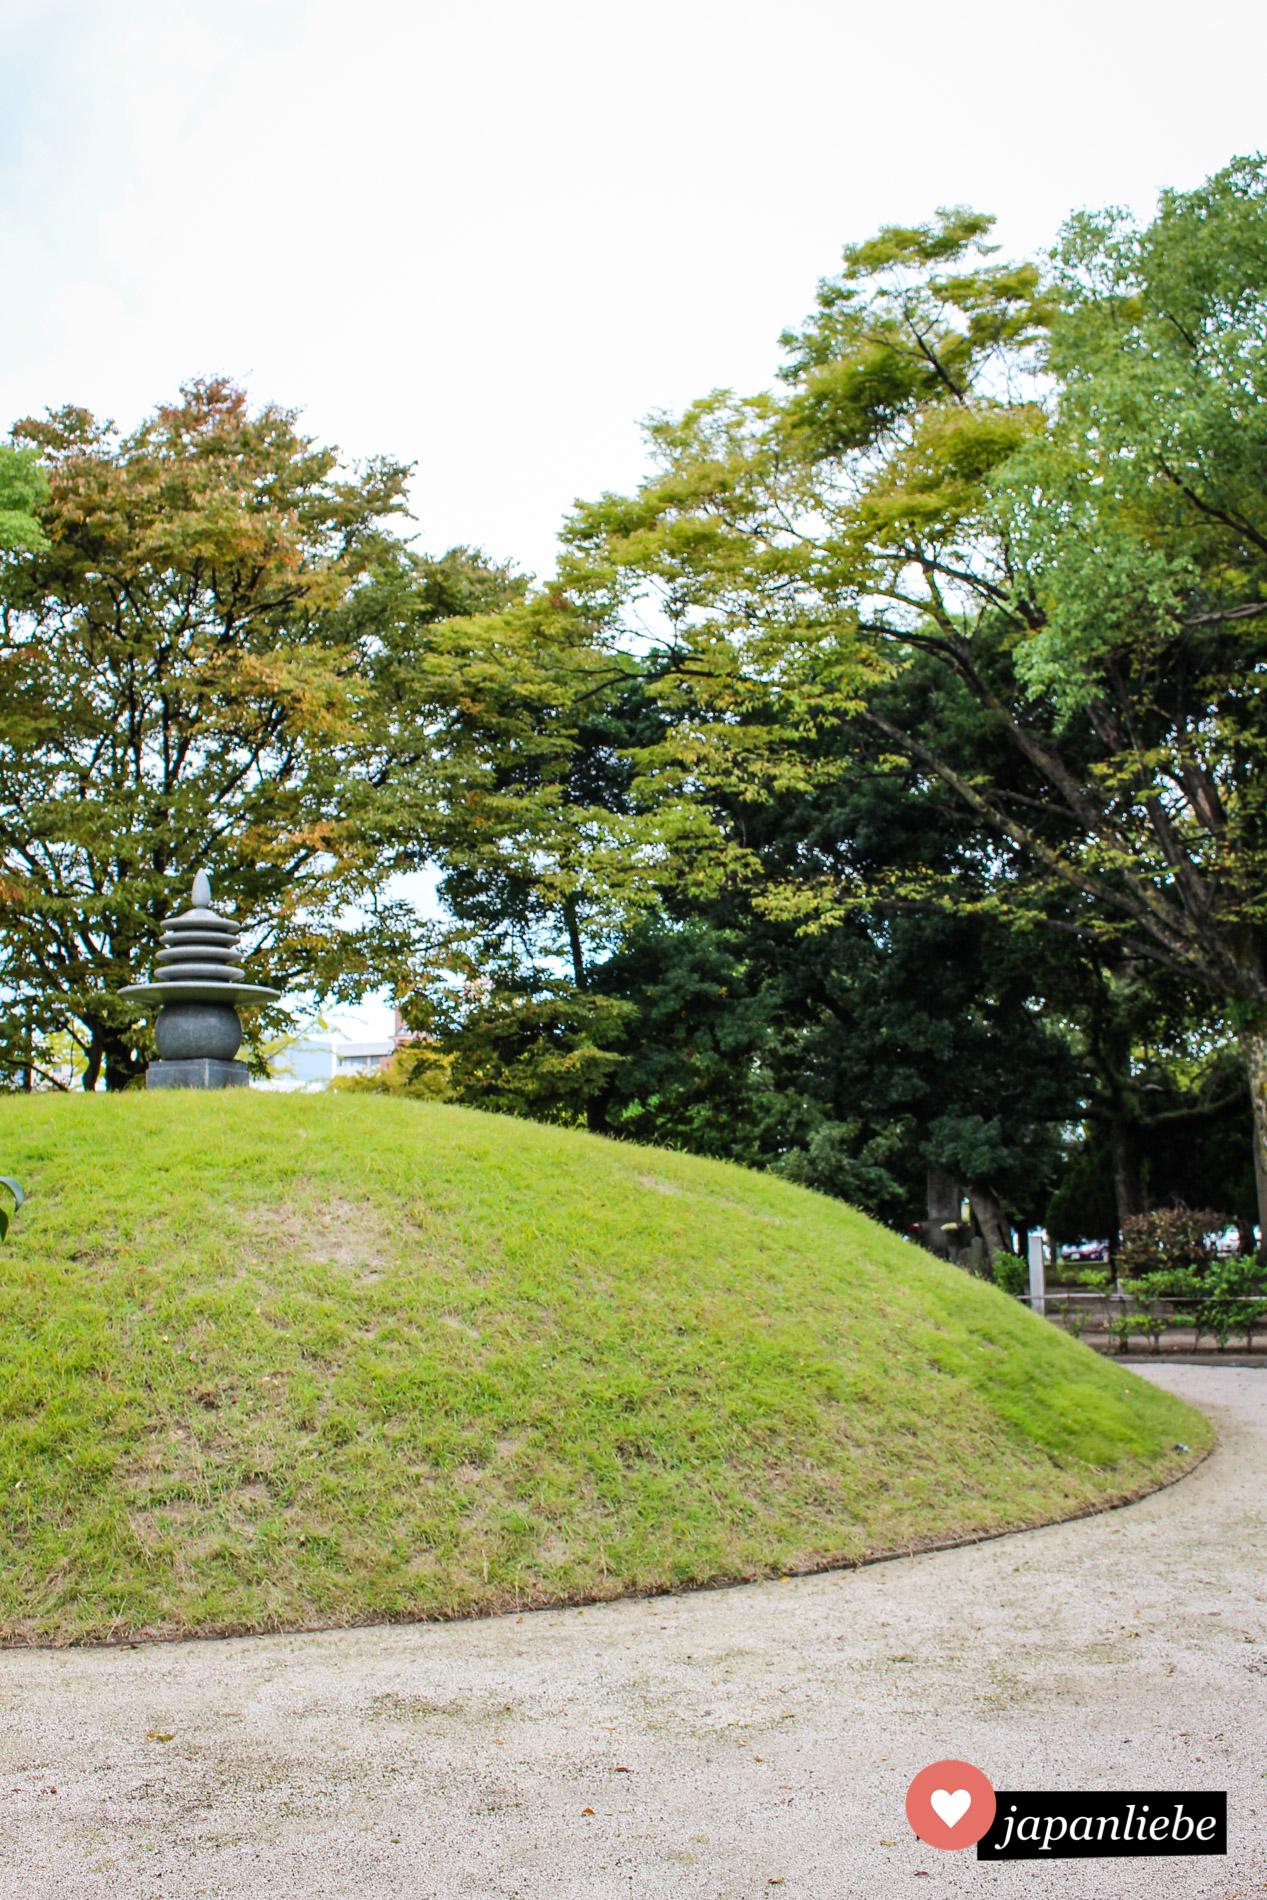 Der Hügel für die Seelenruhe der Atombombenopfer im Friedenspark von Hiroshima.